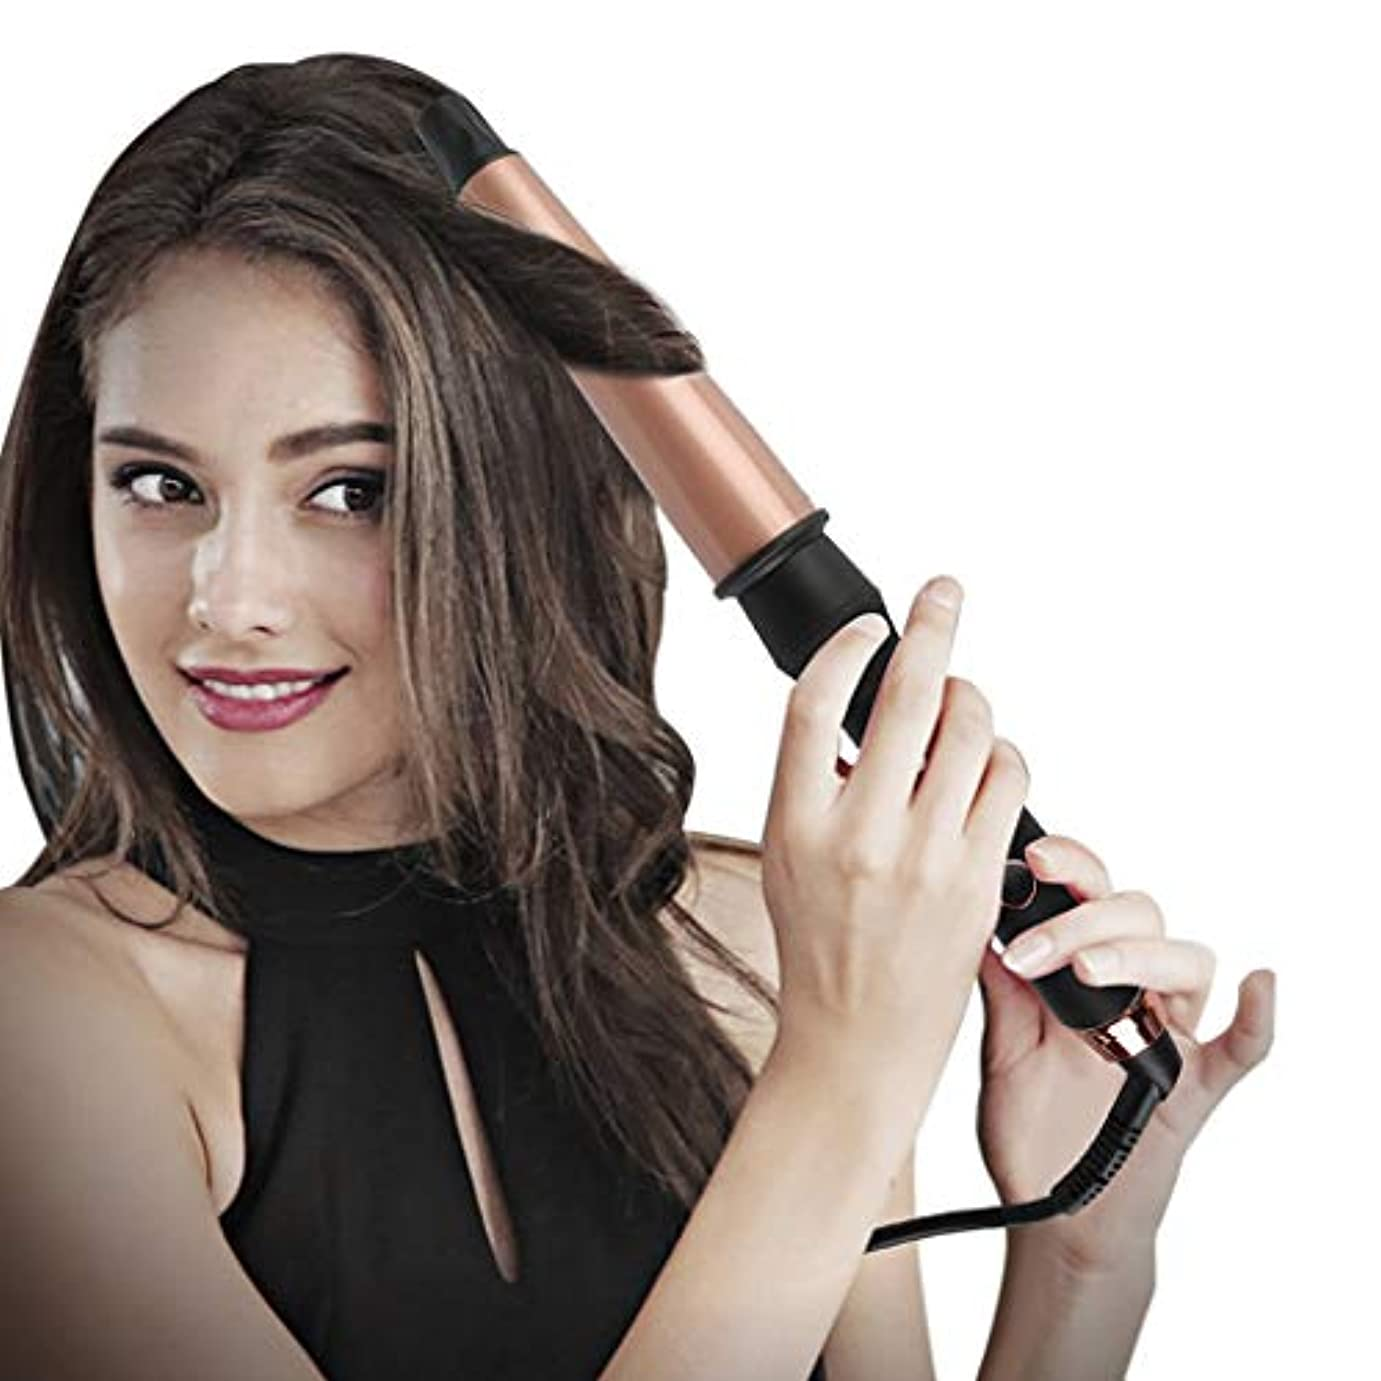 形容詞コジオスコ関係トルマリンセラミックカーリング鉄カーリングアイロンスパイラルヘアスティック手袋を送信する髪カーラーパーマ液晶自動カーリングアイロンポータブルヘアカーラー髪を傷つけるしない